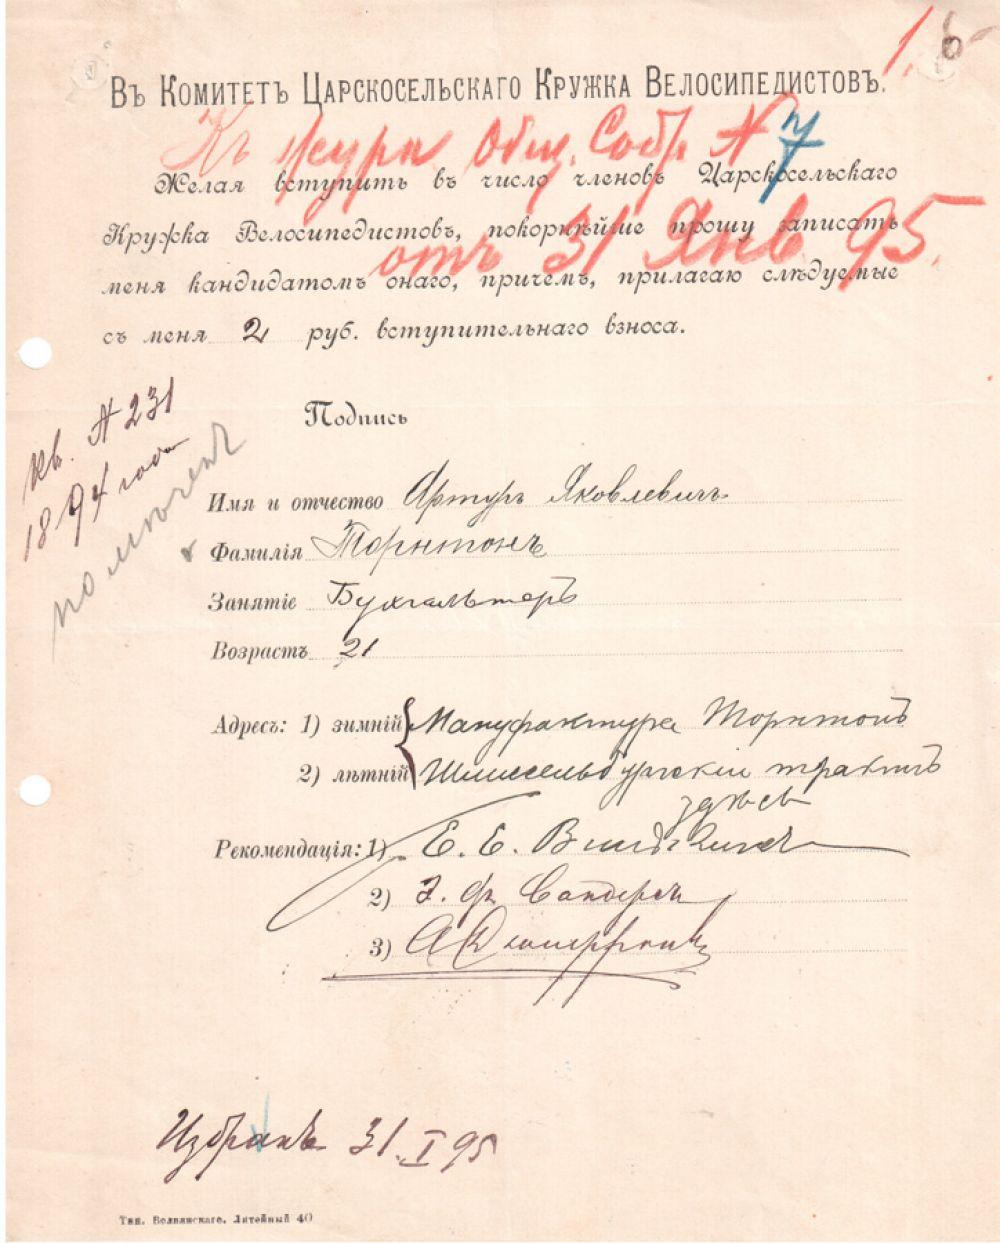 Заявление о вступлении в ЦКВ.